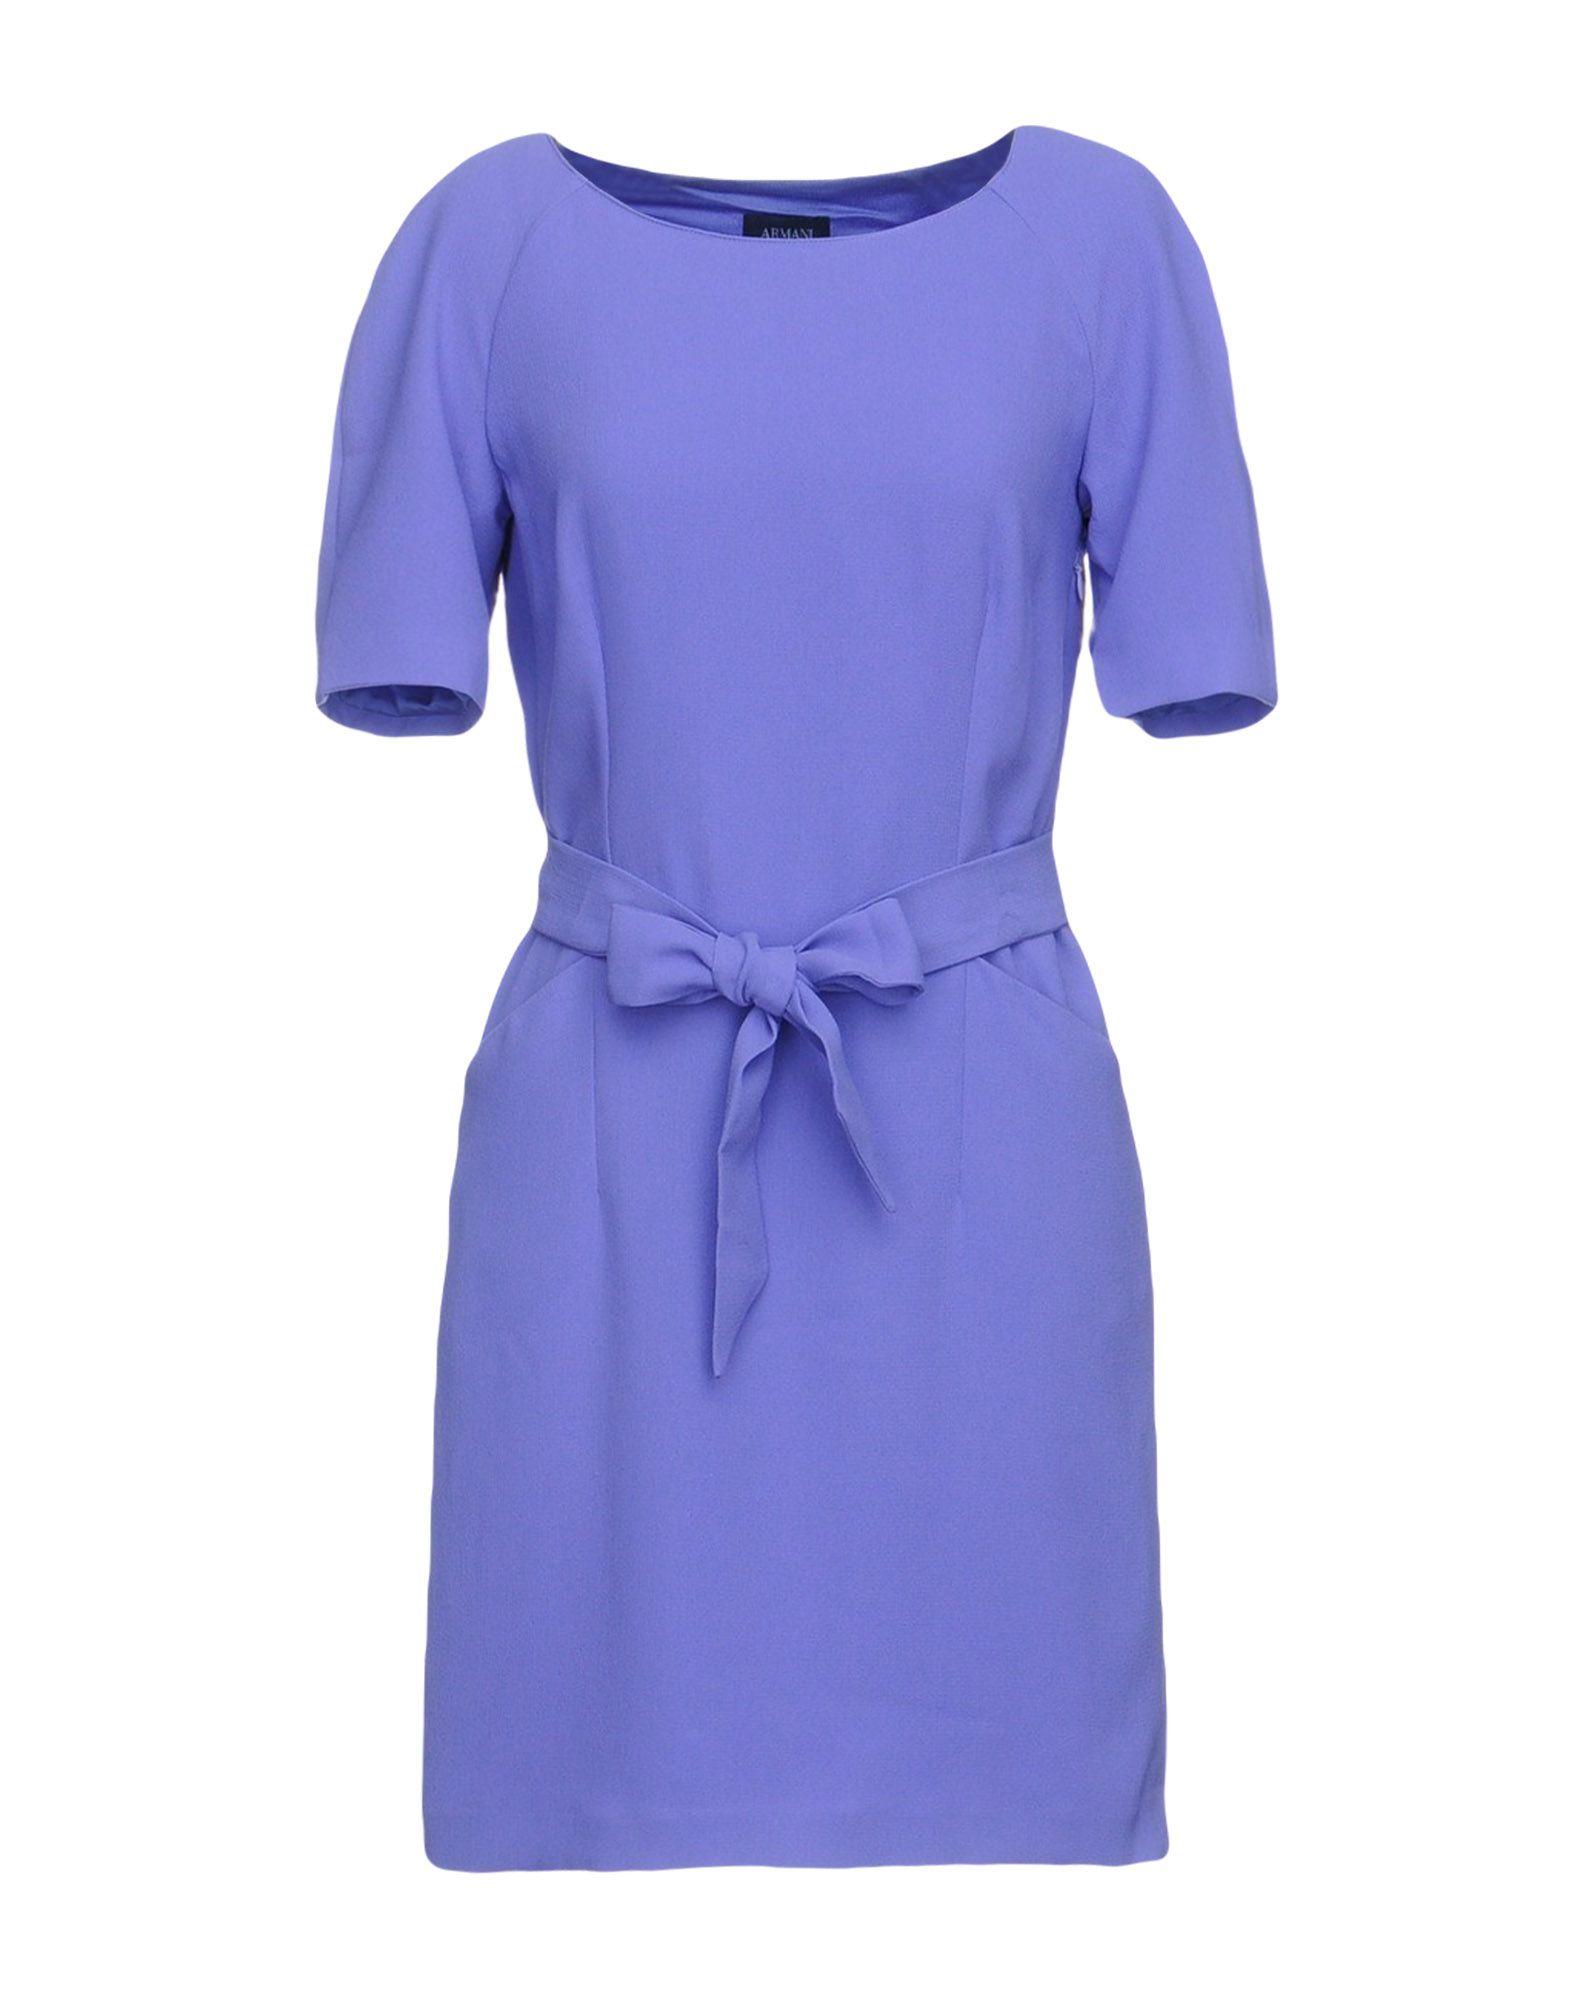 ARMANI JEANS Короткое платье ремень женский armani jeans цвет черный 75104 c2 12 размер i 75